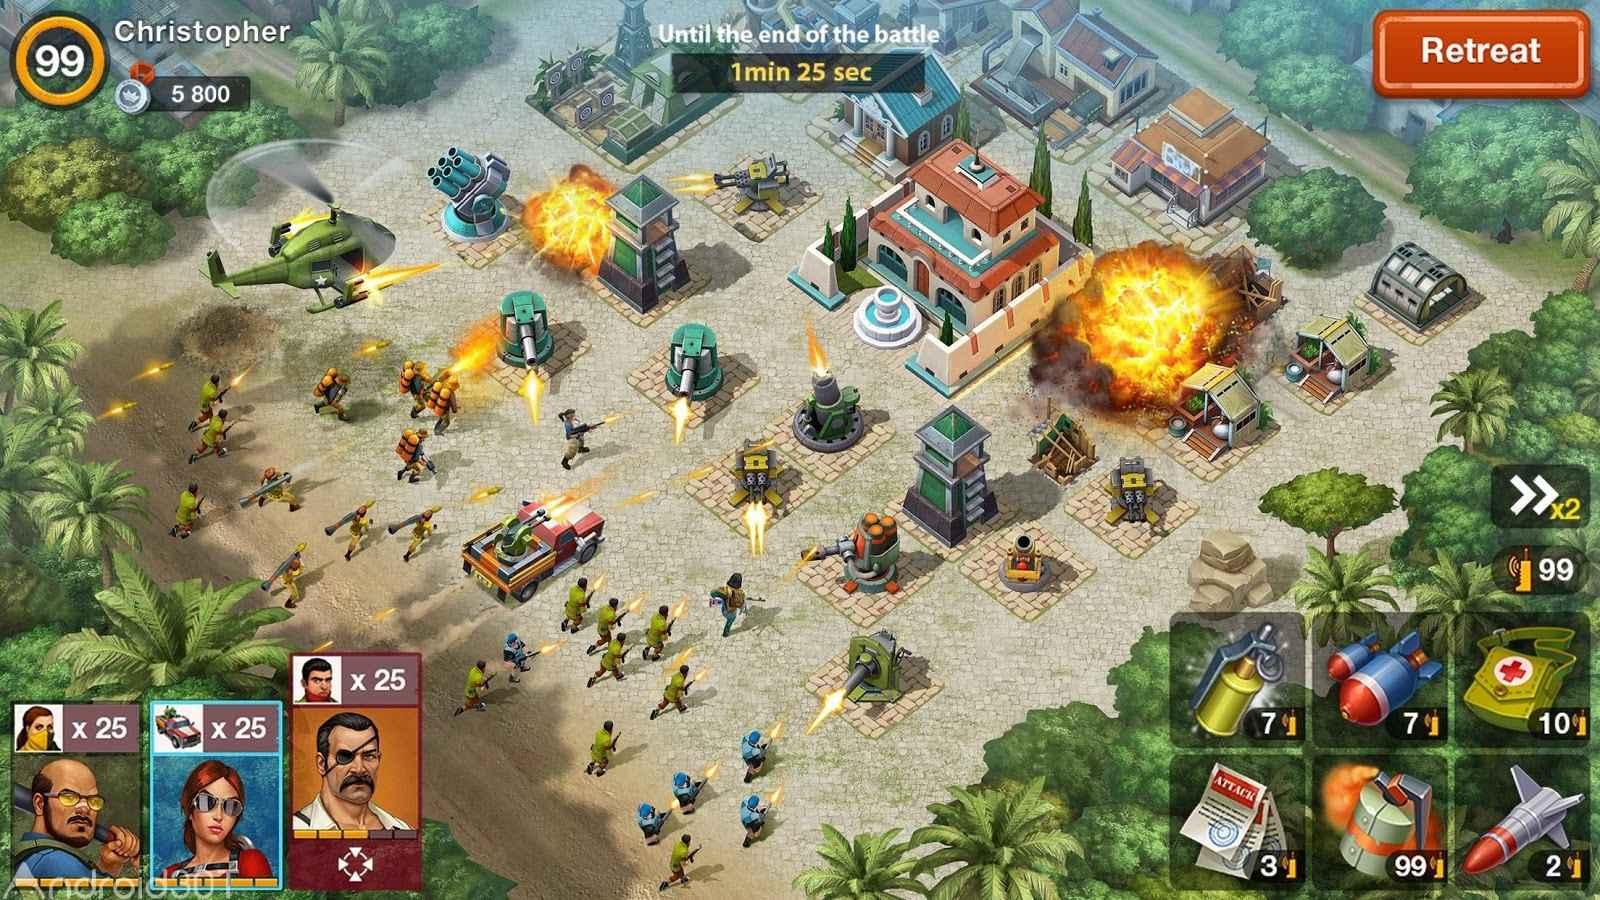 دانلود Narcos: Cartel Wars 1.36.01 – بازی استراتژیک جنگ نارکوس کارتل اندروید